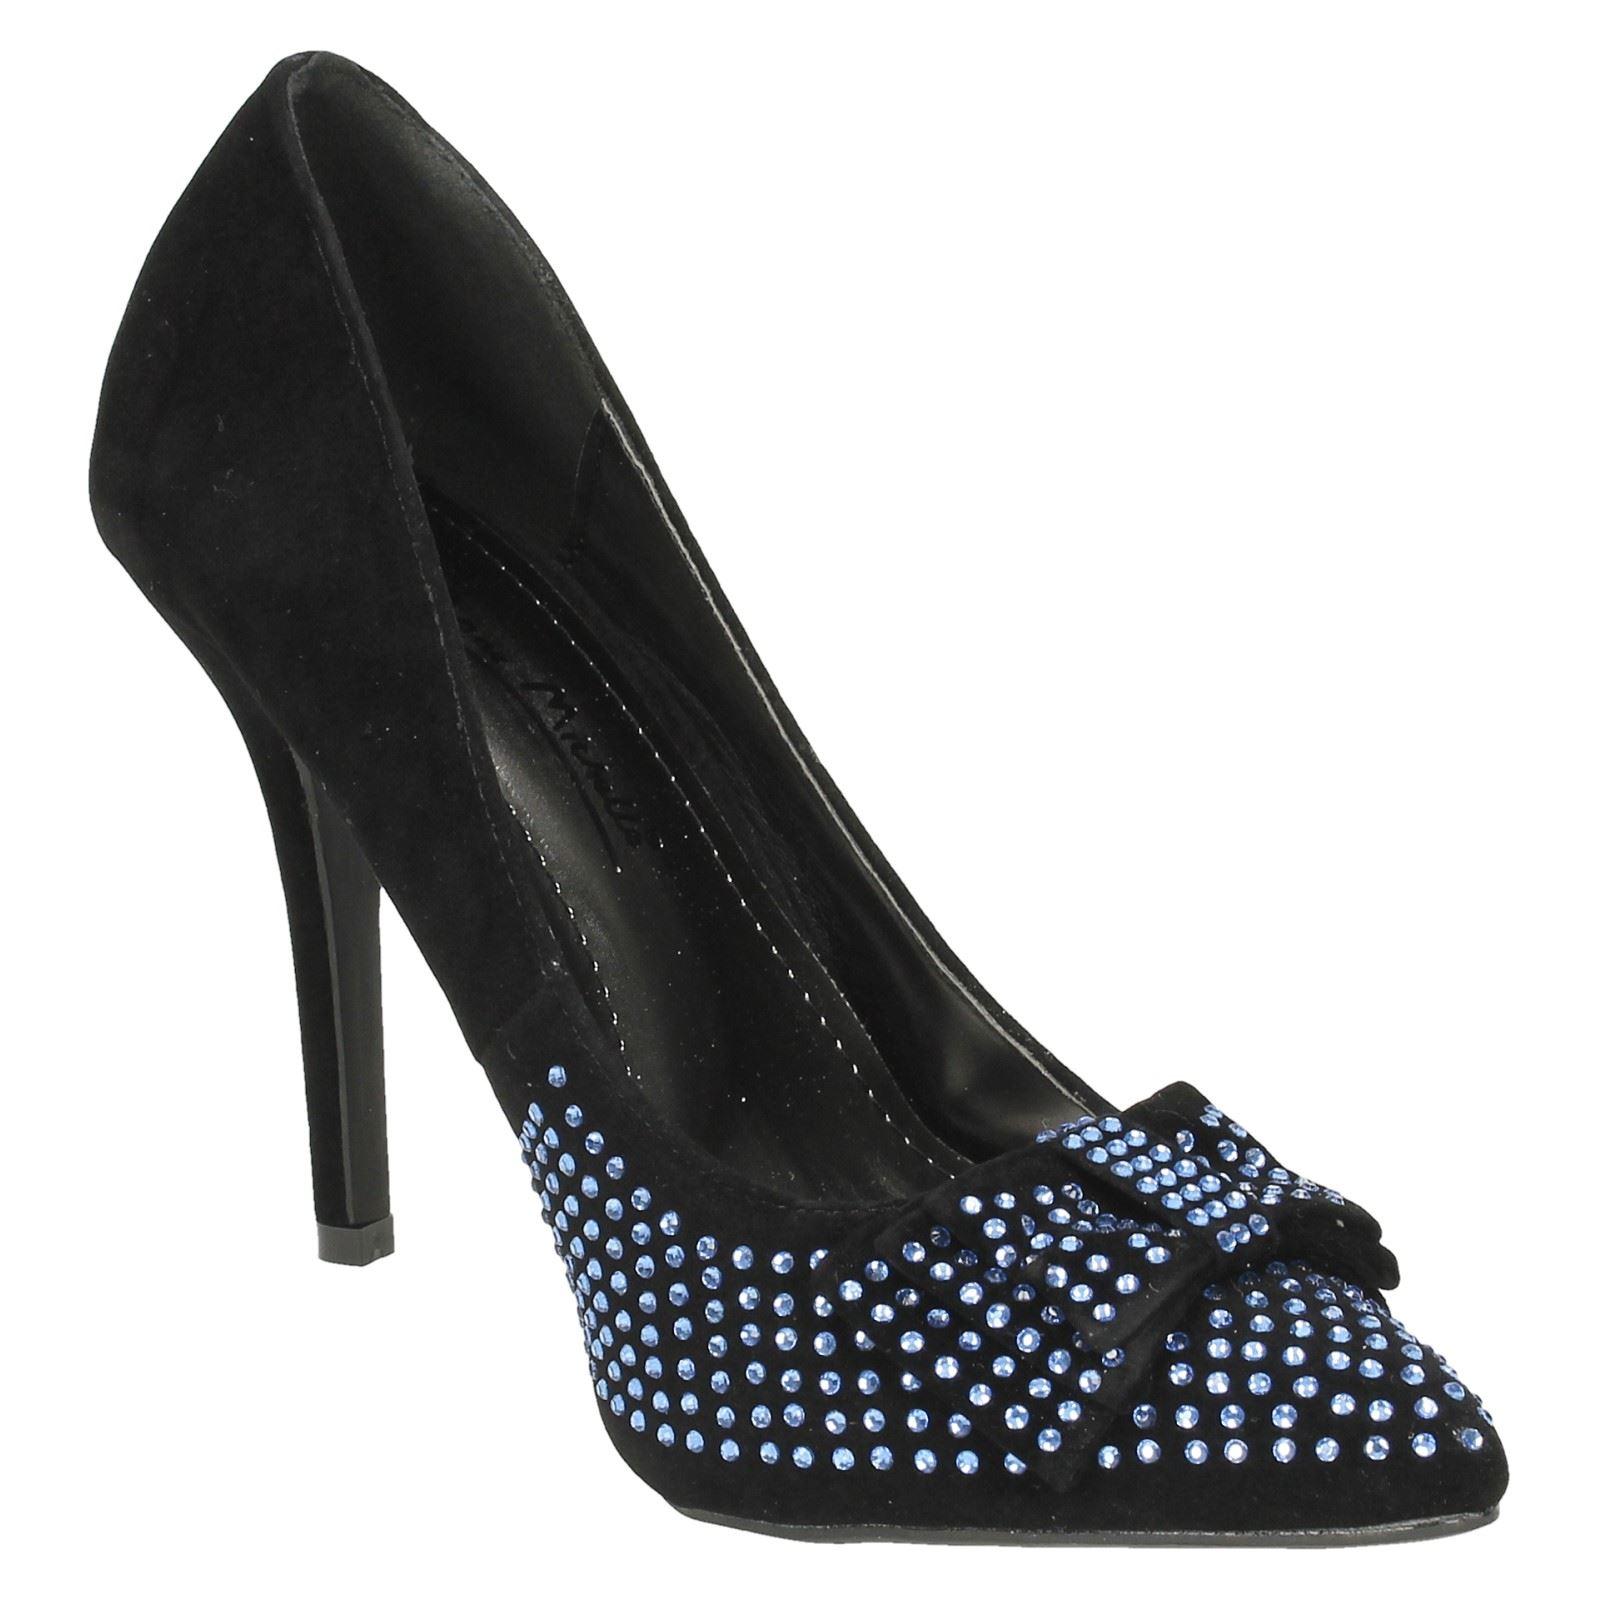 Anne Michelle Señoras Diamante Detalle De Moño Fiesta Zapatos